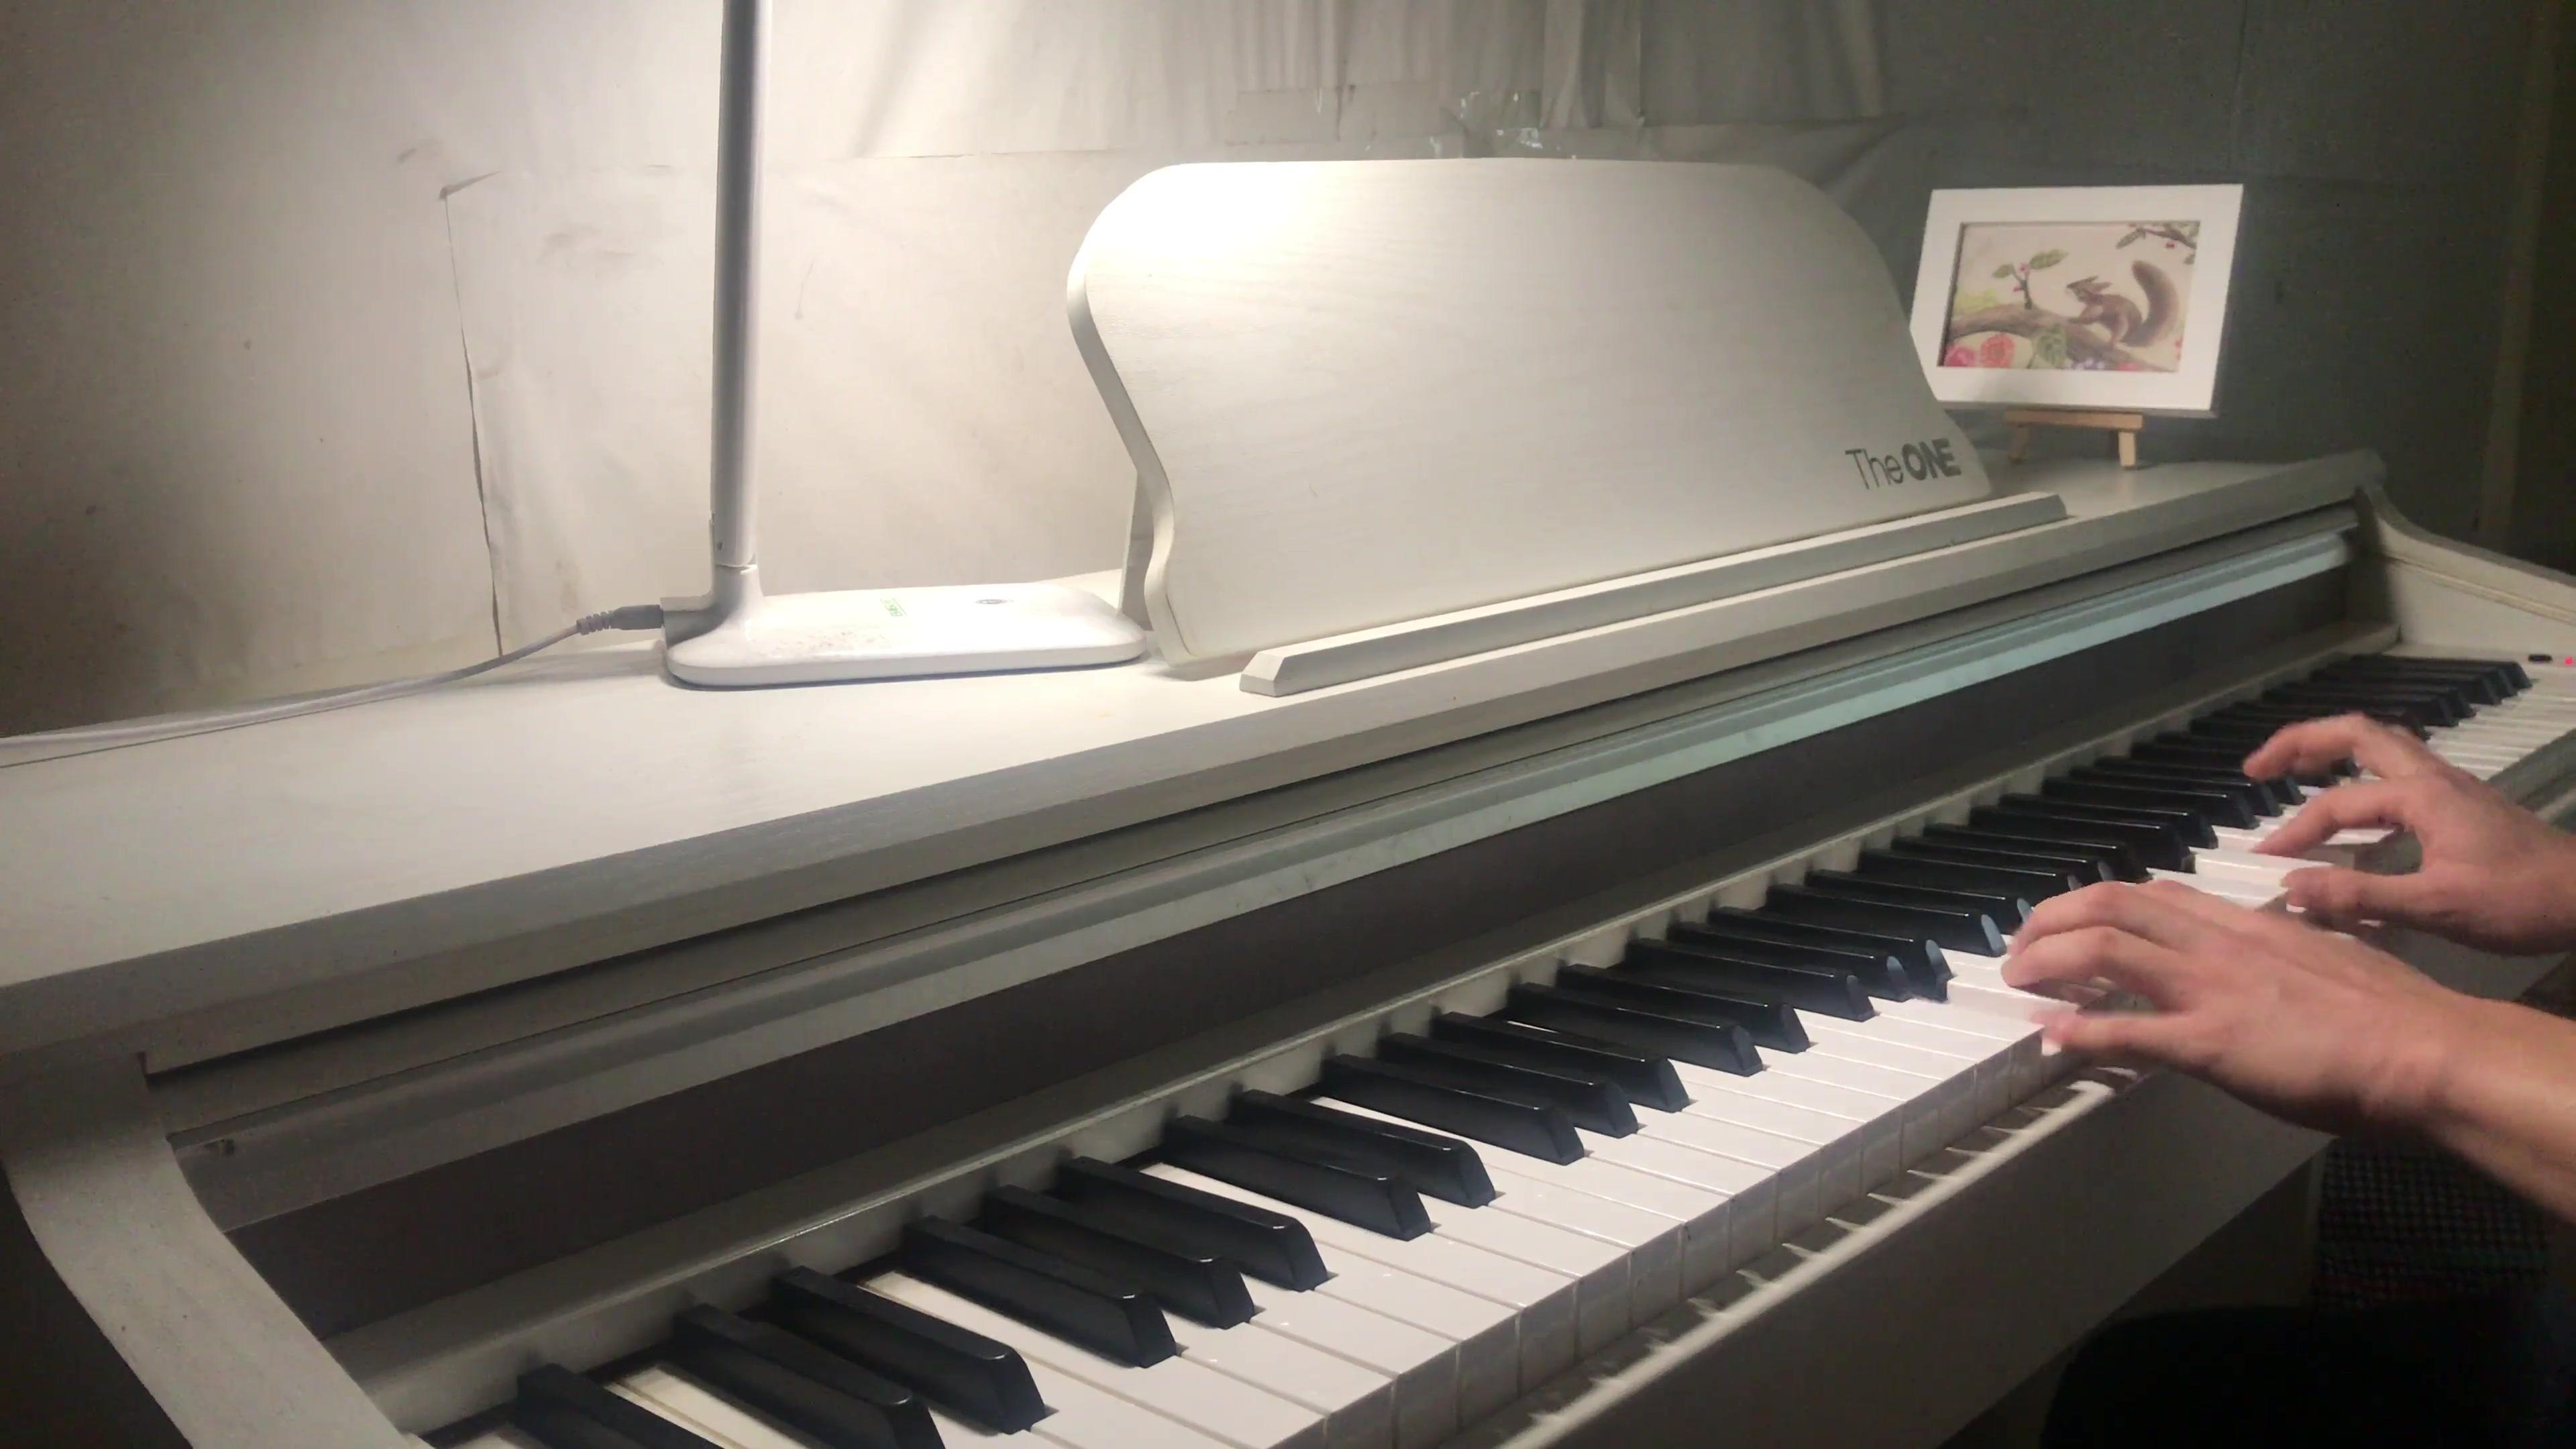 怎么样才能弹好钢琴?有哪些技巧?